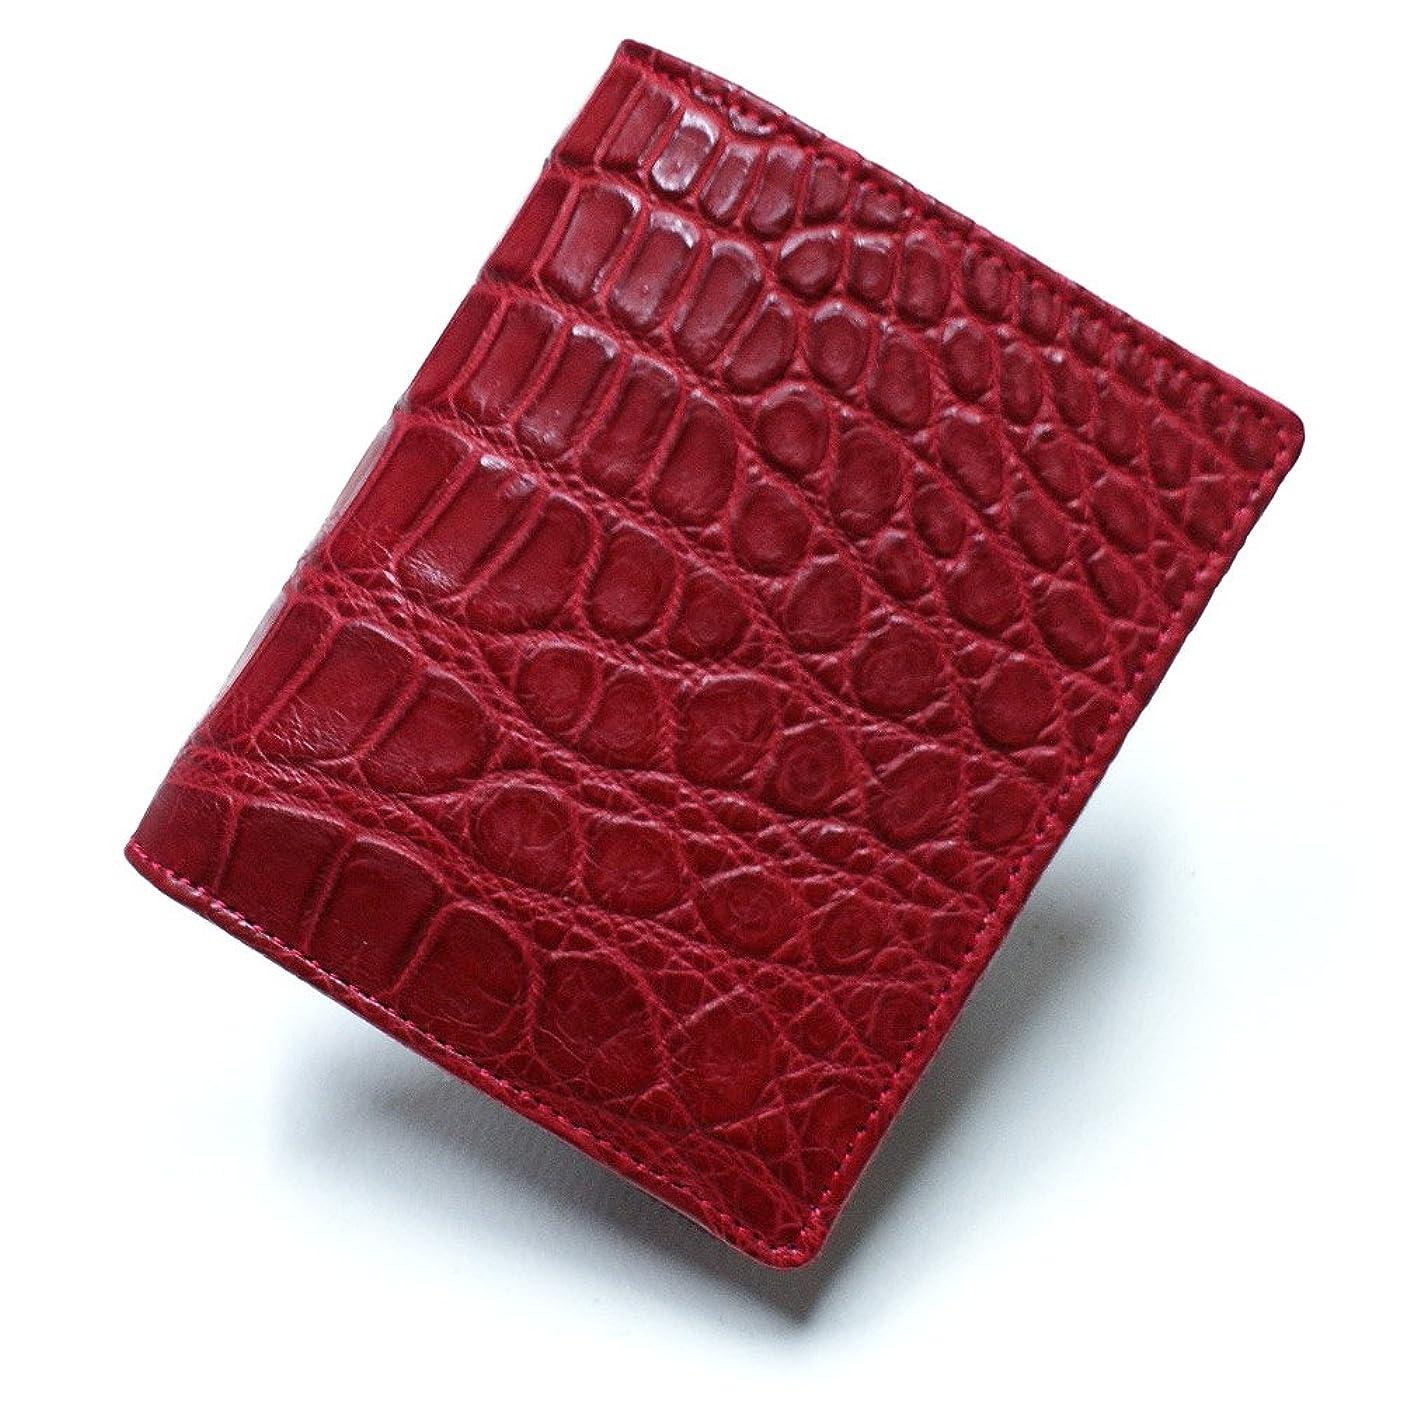 説明するより平らな伝導率CRM1004-RED クロコダイル財布「無双仕様」?ボックス小銭入れ付:コチニールレッド